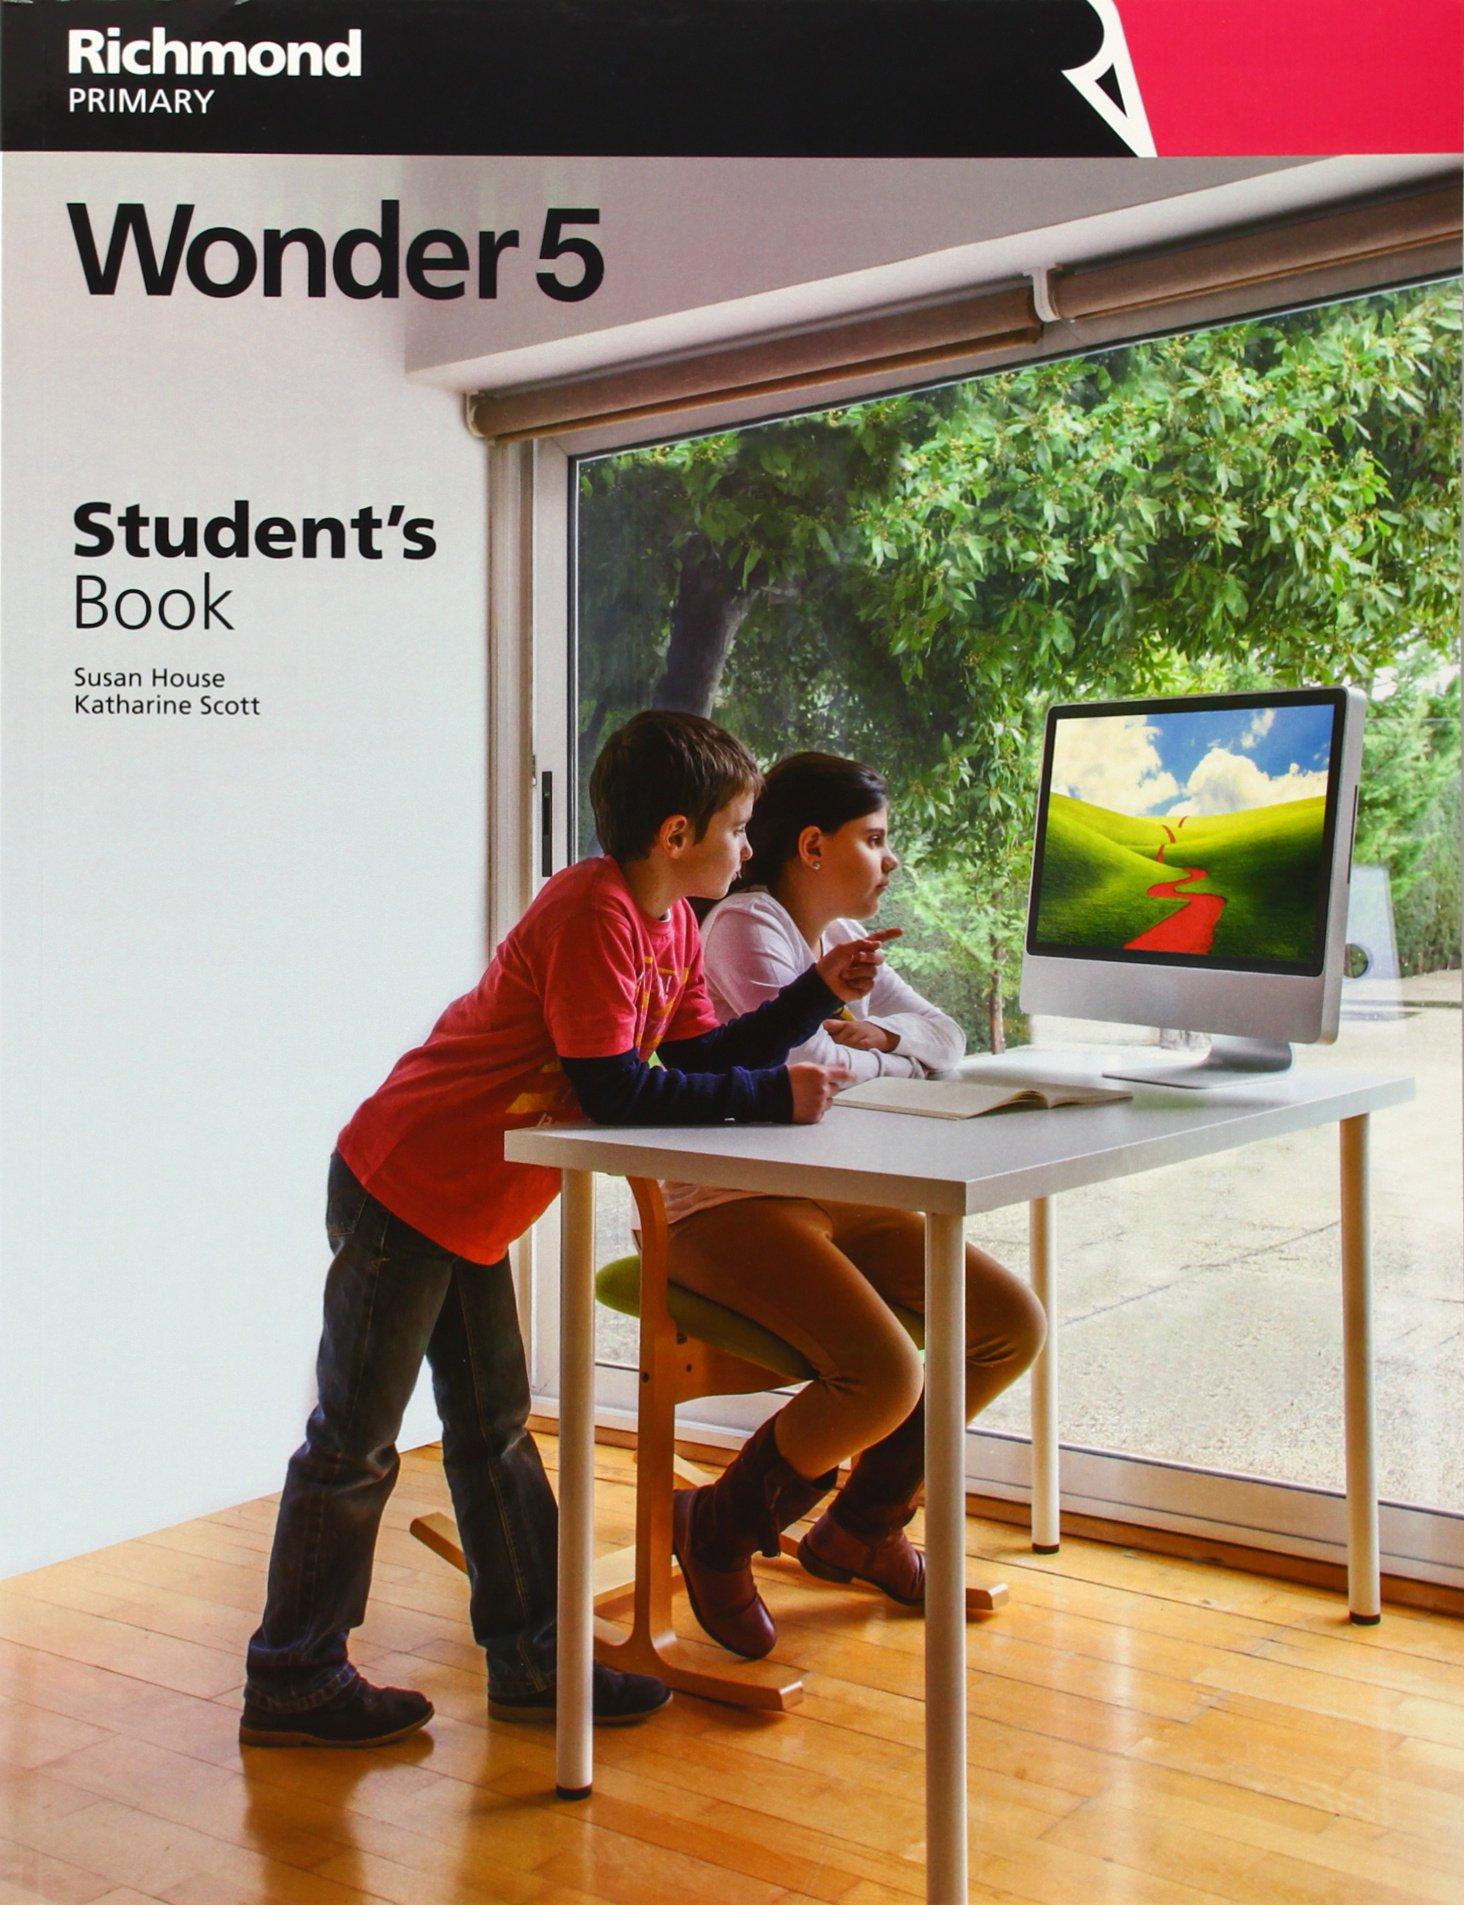 WONDER 5 STUDENT¿S BOOK - 9788466817981: Amazon.es: Katharine Blanca Scott, Susan House: Libros en idiomas extranjeros